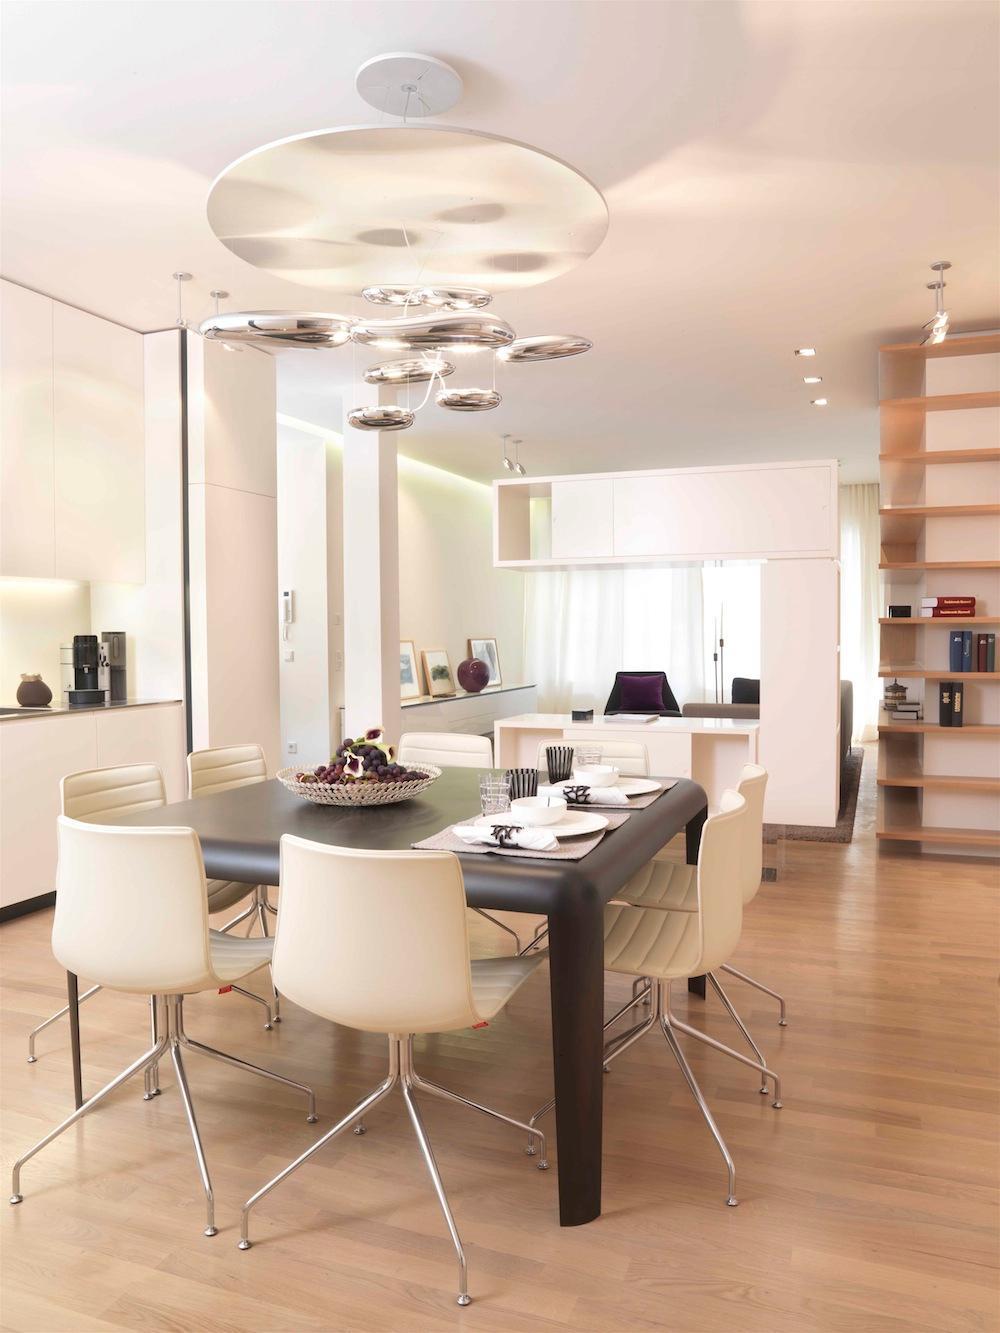 Wohndesign Stuhl Esstisch Sideboard Loft Indirektebeleuchtung Offenekche Weisserstuhl